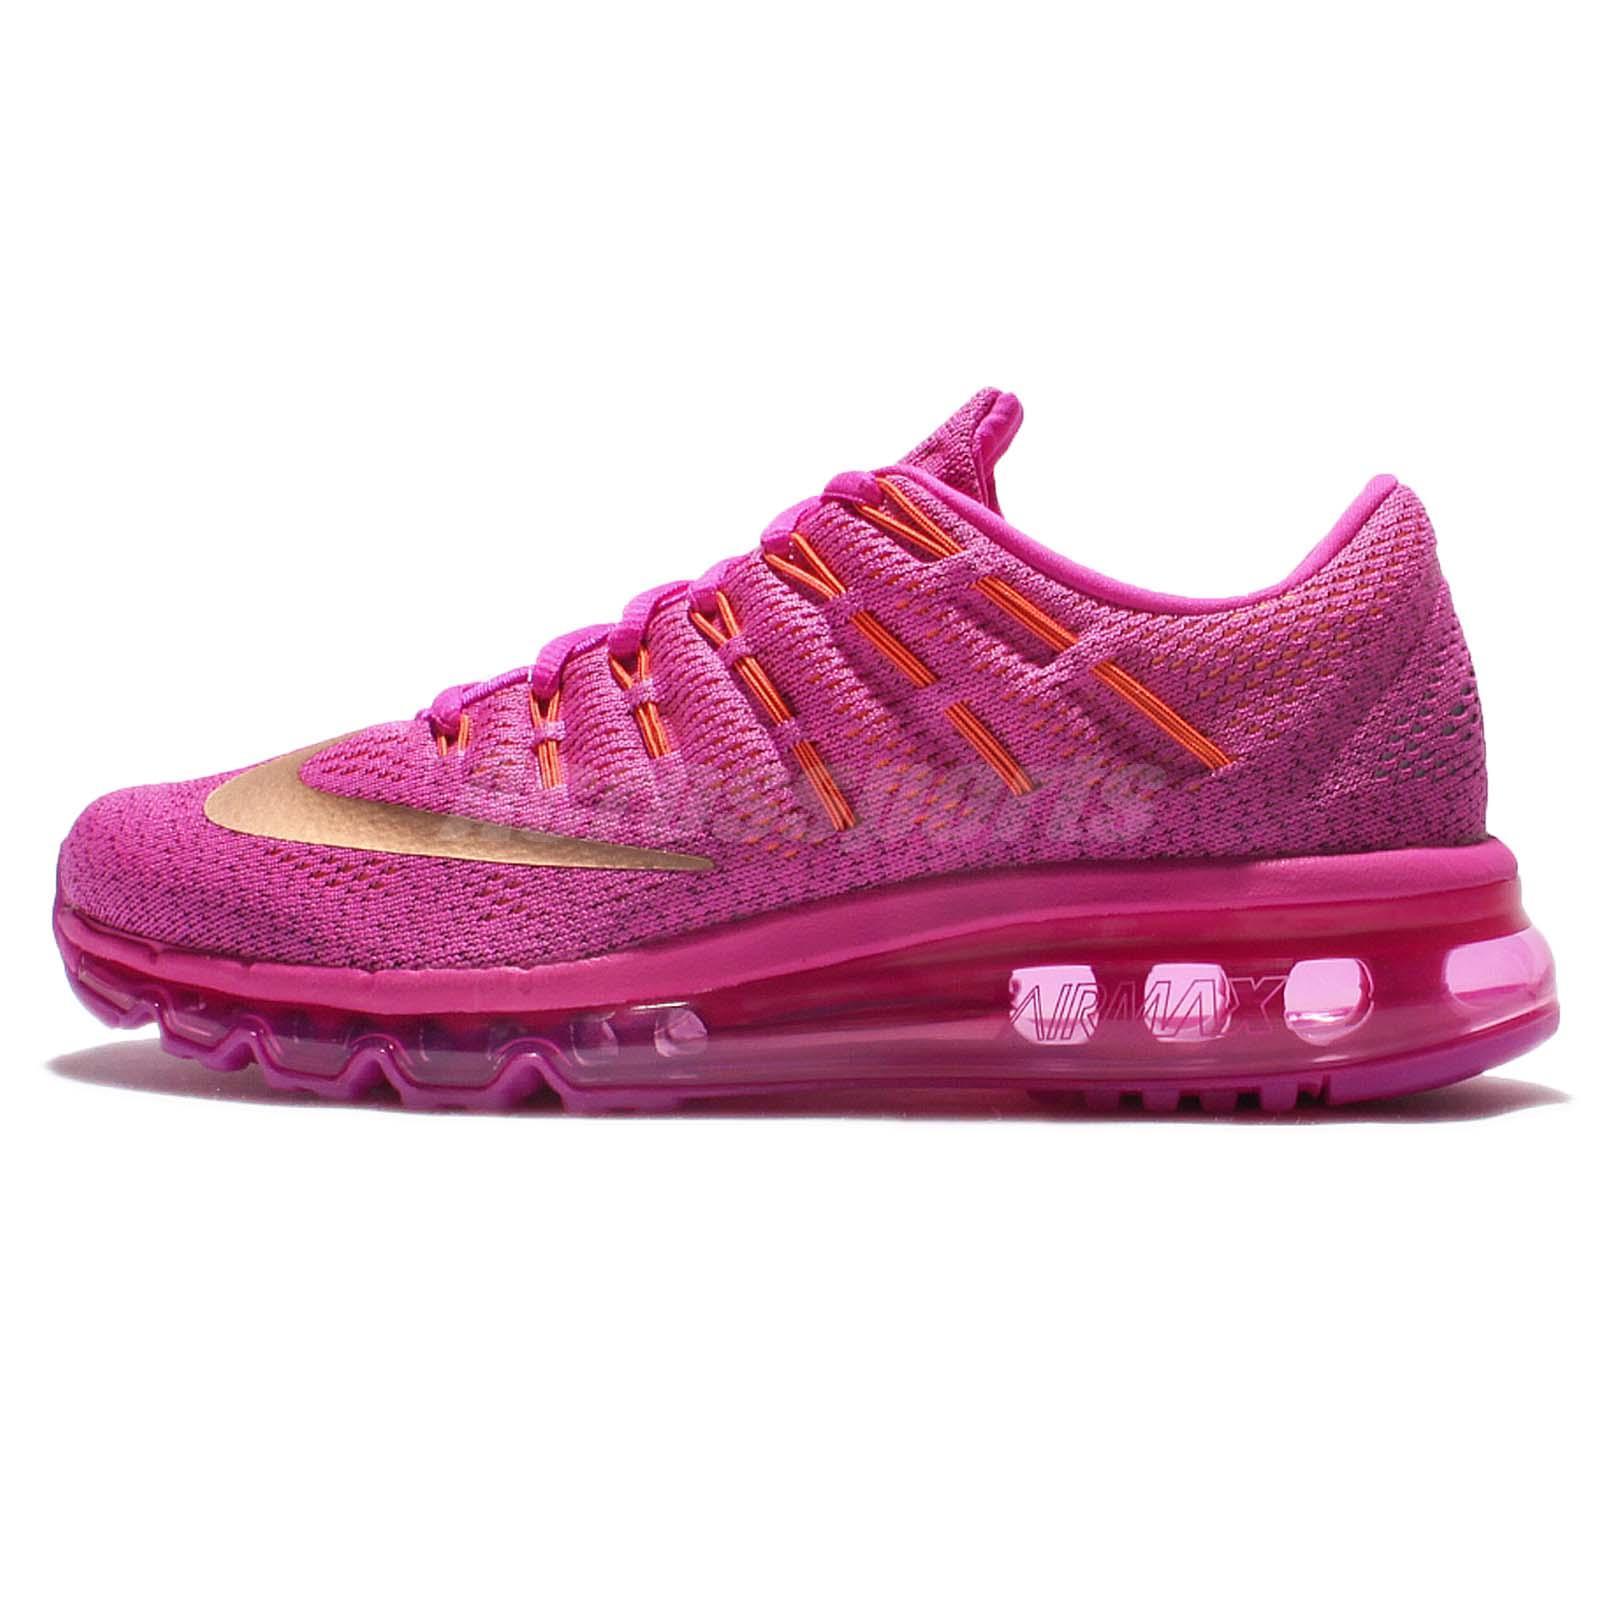 2016 Nike Air Max Pink